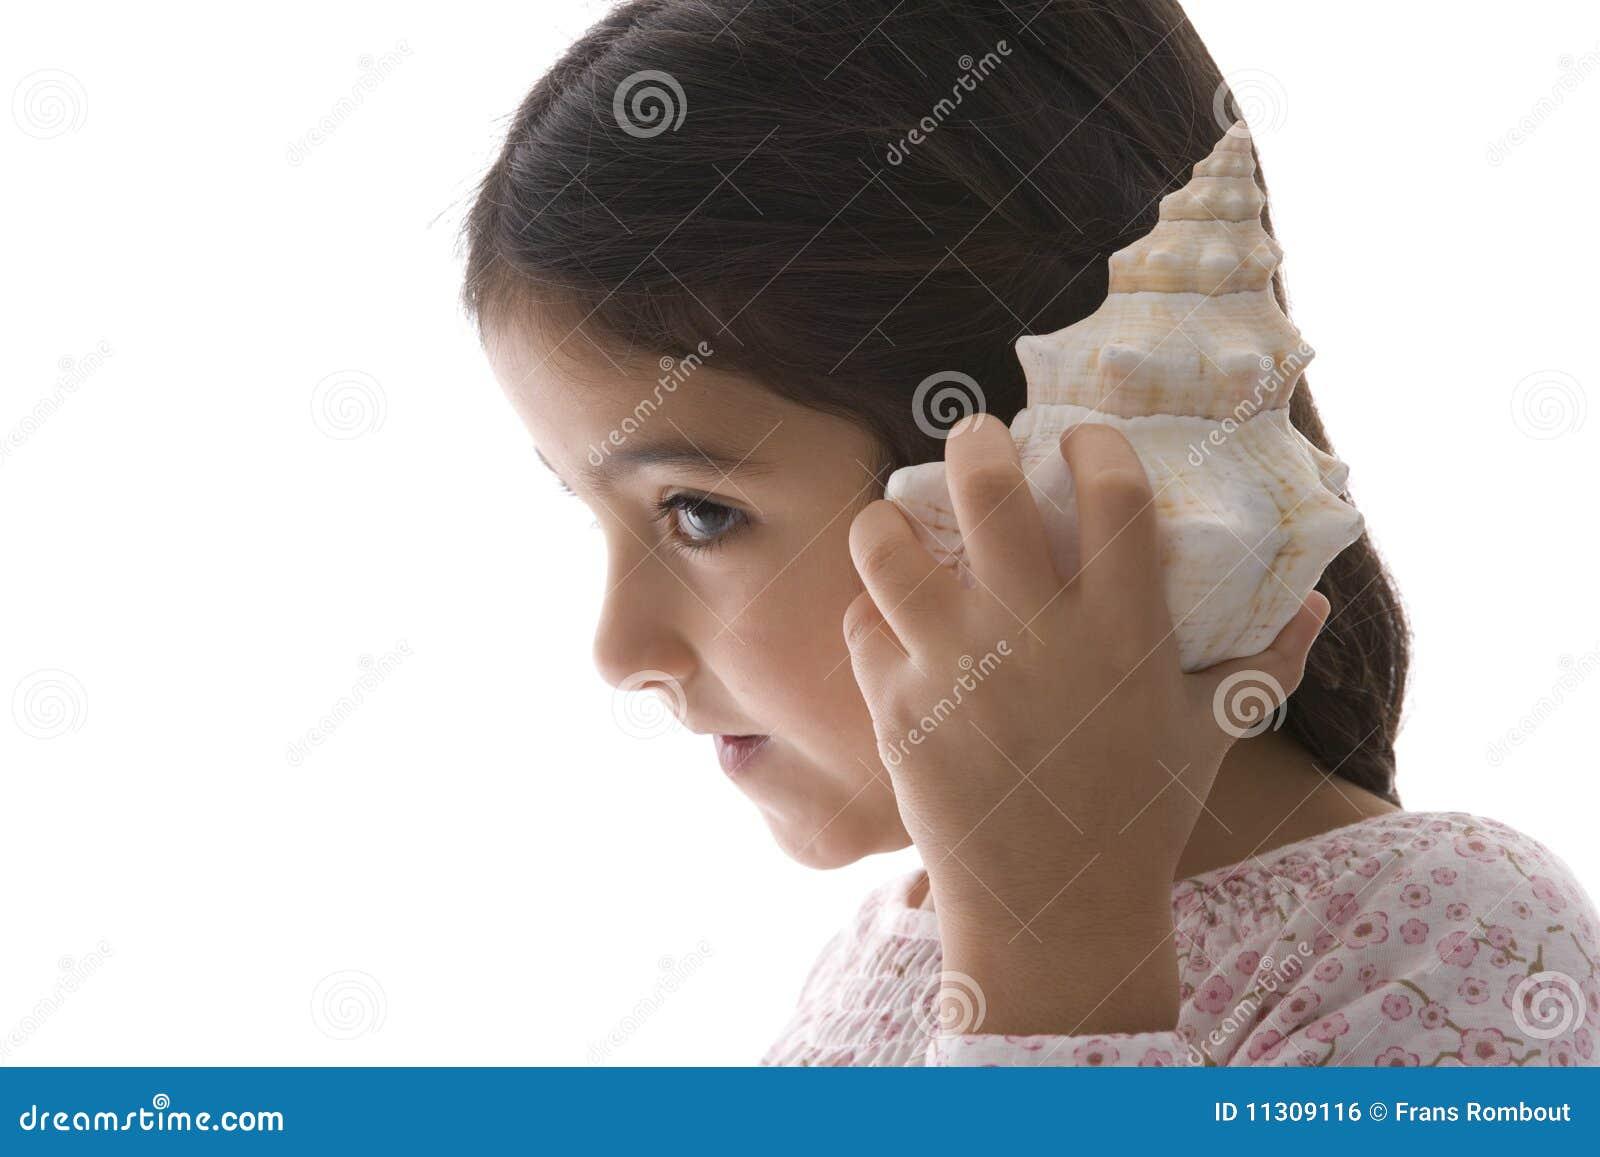 Kleines Mädchen hört zu einem großen Seeshell